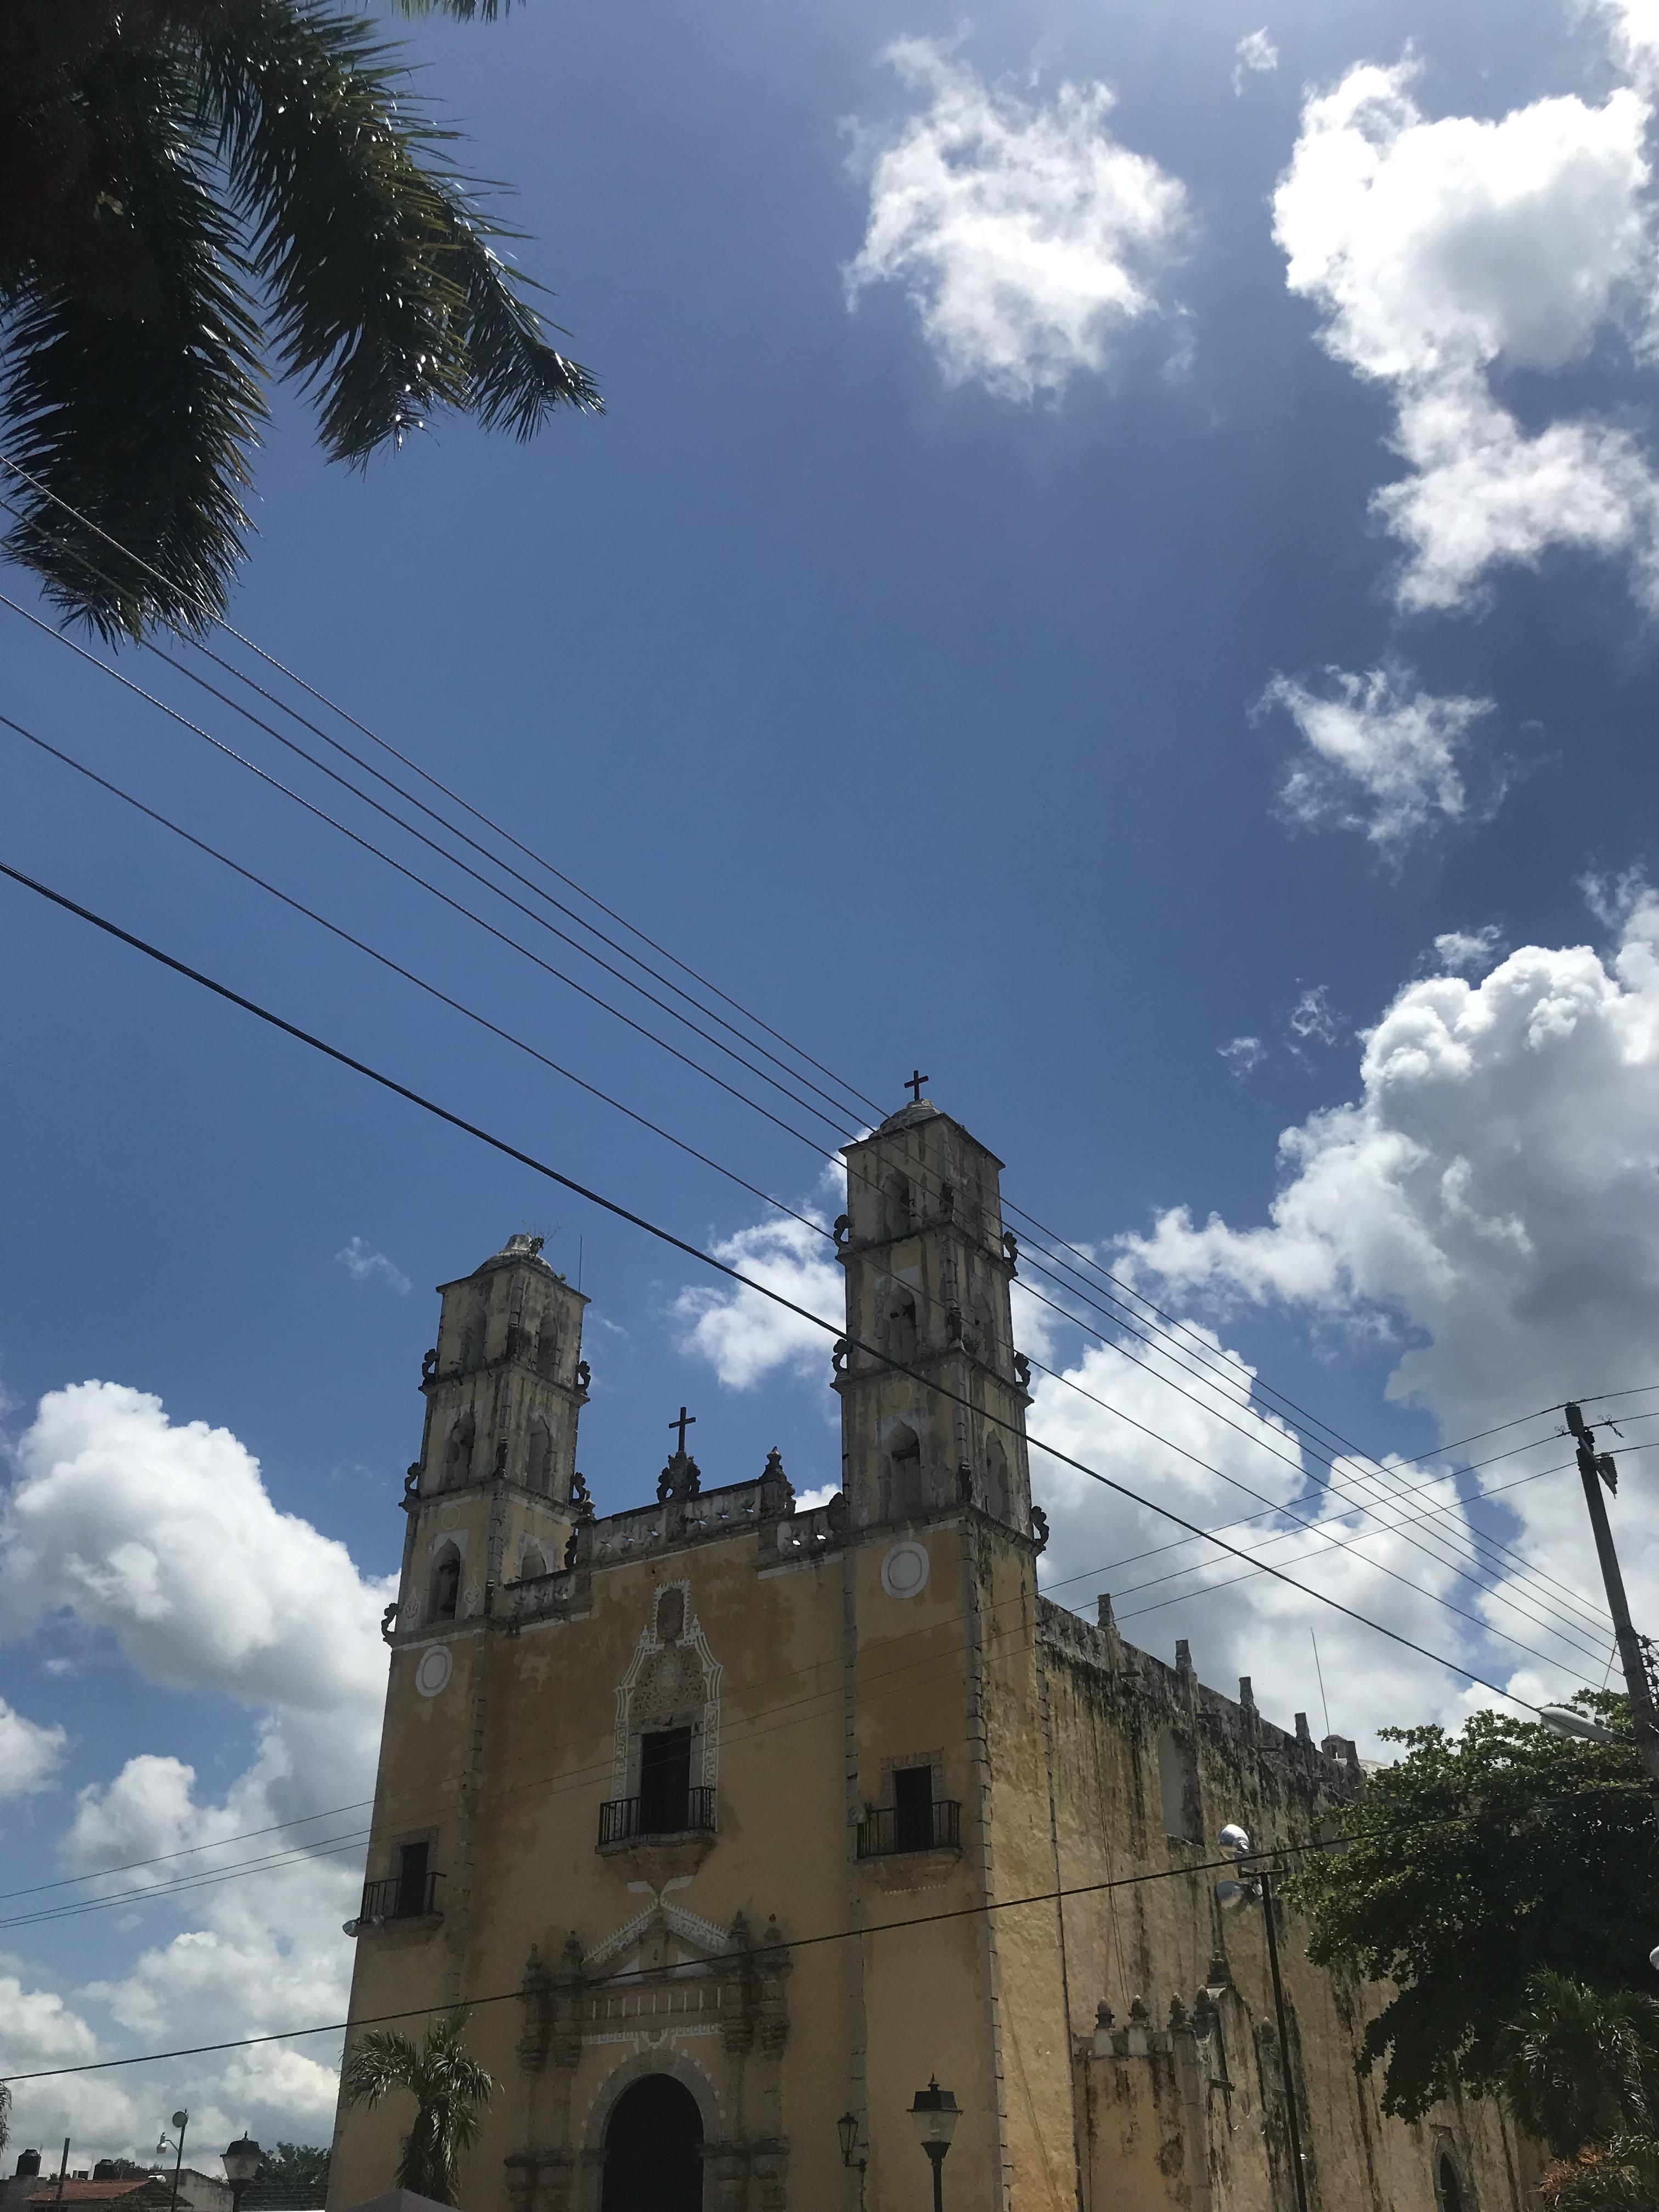 chiesa-chemax-yucatán-messico